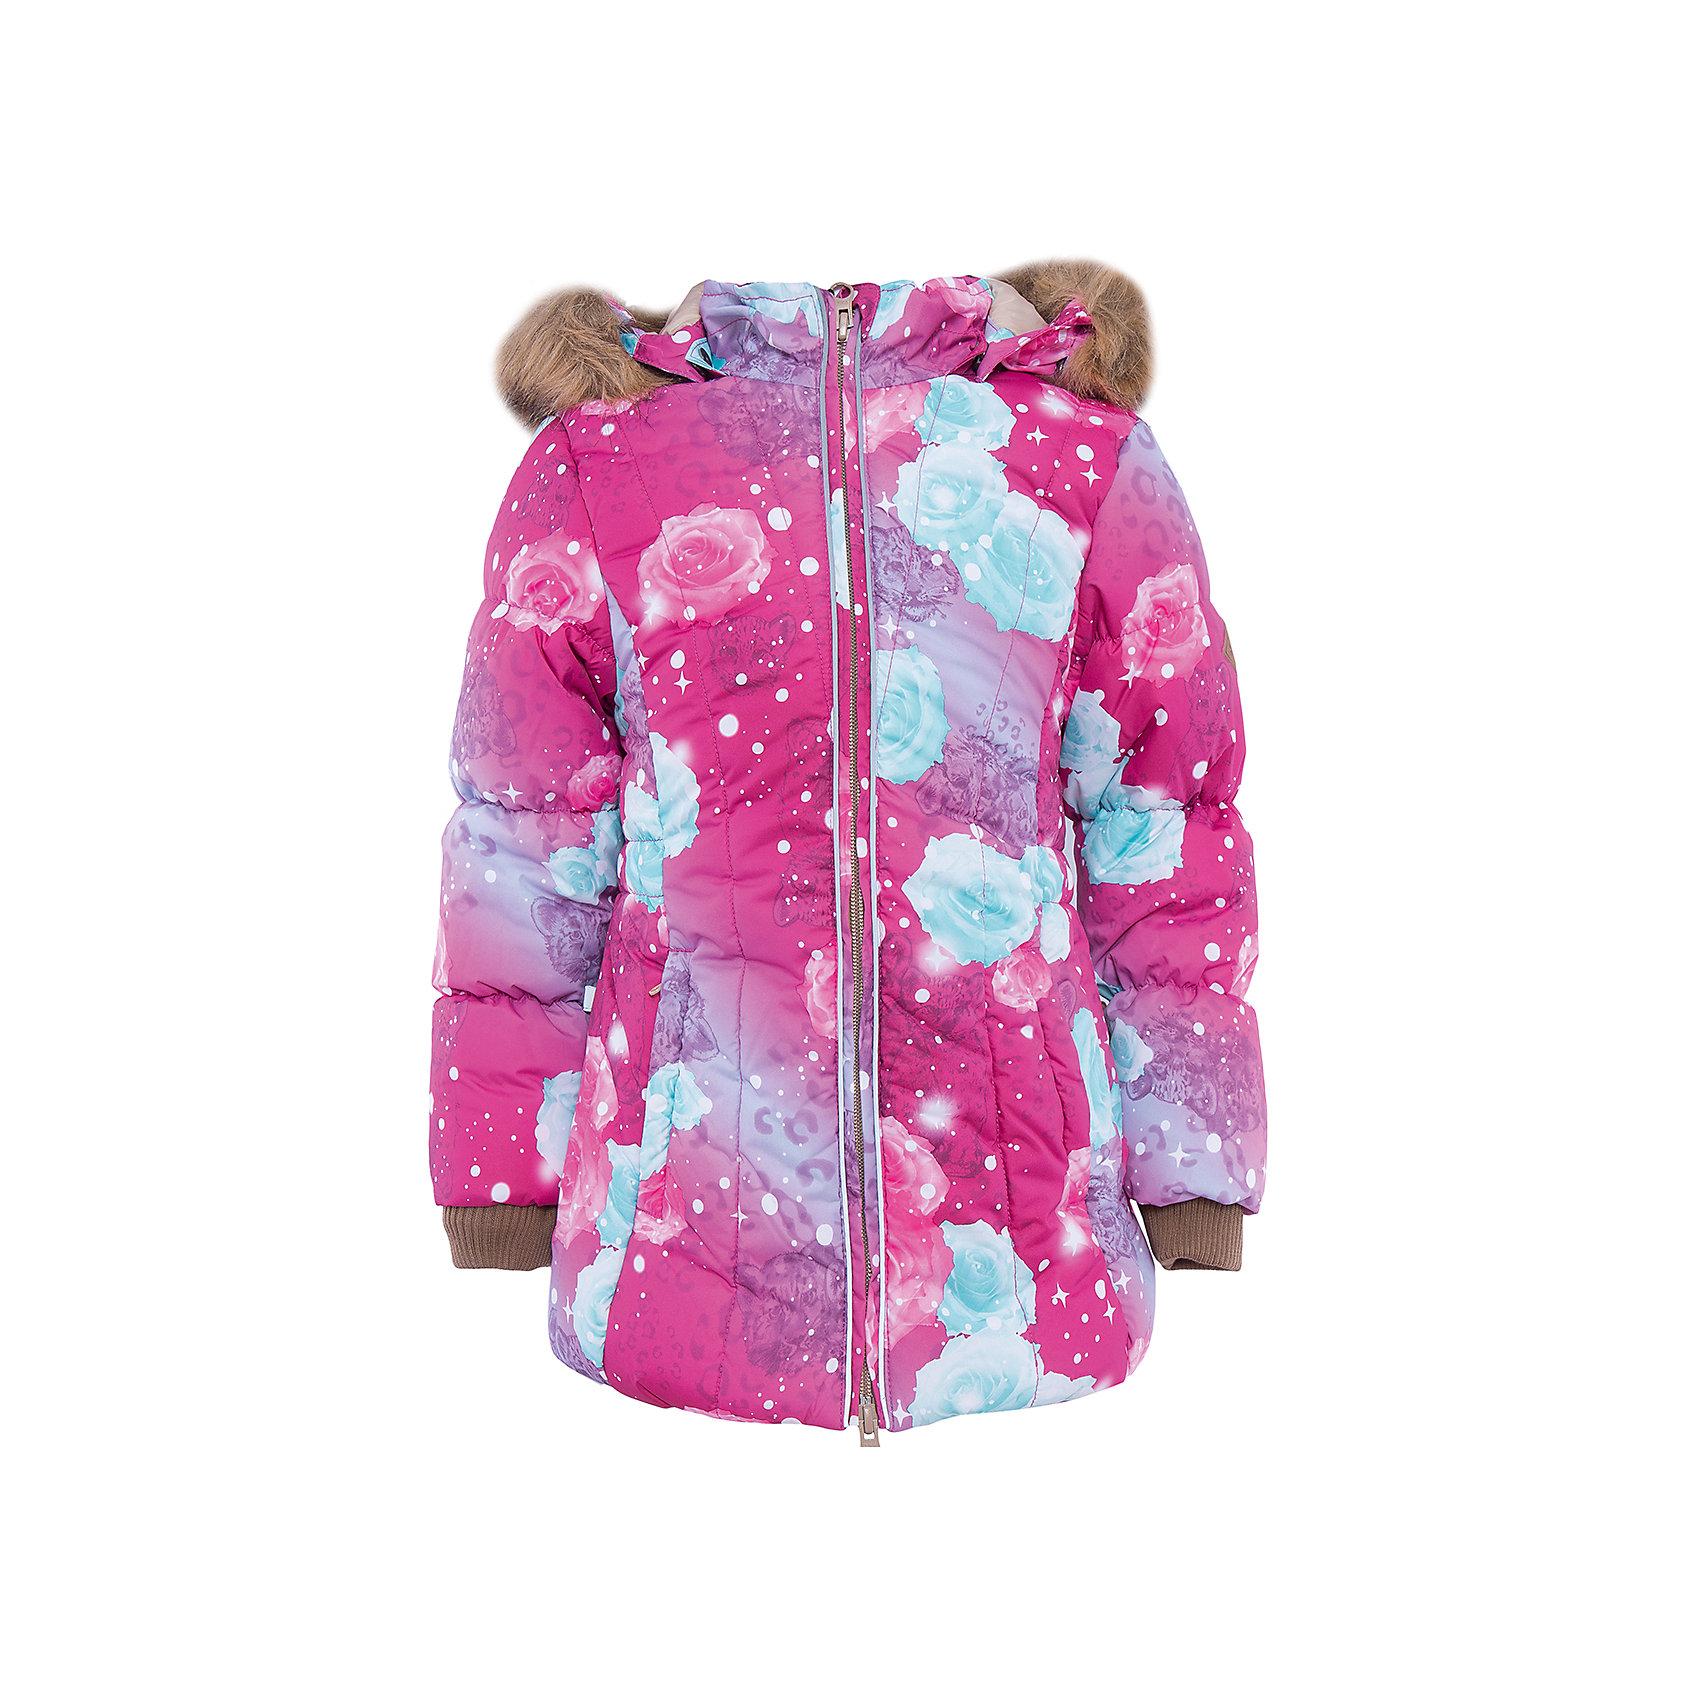 Куртка   для девочки HuppaMETTE Huppa(Хуппа) - утепленная куртка для девочки.<br><br>Утеплитель: 100% полиэстер, 300 гр.<br><br>Температурный режим: до -30 градусов. Степень утепления – высокая. <br><br>* Температурный режим указан приблизительно — необходимо, прежде всего, ориентироваться на ощущения ребенка. Температурный режим работает в случае соблюдения правила многослойности – использования флисовой поддевы и термобелья.<br><br>Она сделана из прочных дышащих материалов, которые не пропускают воду и ветер и выводят лишнюю влагу. Утеплитель HuppaTherm сохранит высокую теплоизоляцию и объем. Кроме того, куртку легко стирать при температуре до 40 градусов и сушить. Приятный дизайн и высокое качество непременно понравятся юной обладательнице такой куртки!<br><br>Особенности:<br>-съемный мех на капюшоне<br>-светоотражающие элементы<br>-отстегивающийся капюшон<br>-скрытые манжеты на рукавах<br><br>Дополнительная информация: <br>Материал: 100% полиэстер<br>Подкладка: тафта - 100% полиэстер<br>Цвет: розовый/голубой<br><br>Куртку METTE Huppa(Хуппа) можно приобрести в нашем интернет-магазине.<br><br>Ширина мм: 356<br>Глубина мм: 10<br>Высота мм: 245<br>Вес г: 519<br>Цвет: розовый<br>Возраст от месяцев: 72<br>Возраст до месяцев: 84<br>Пол: Женский<br>Возраст: Детский<br>Размер: 122,134,104,110,116,128,140<br>SKU: 4928289